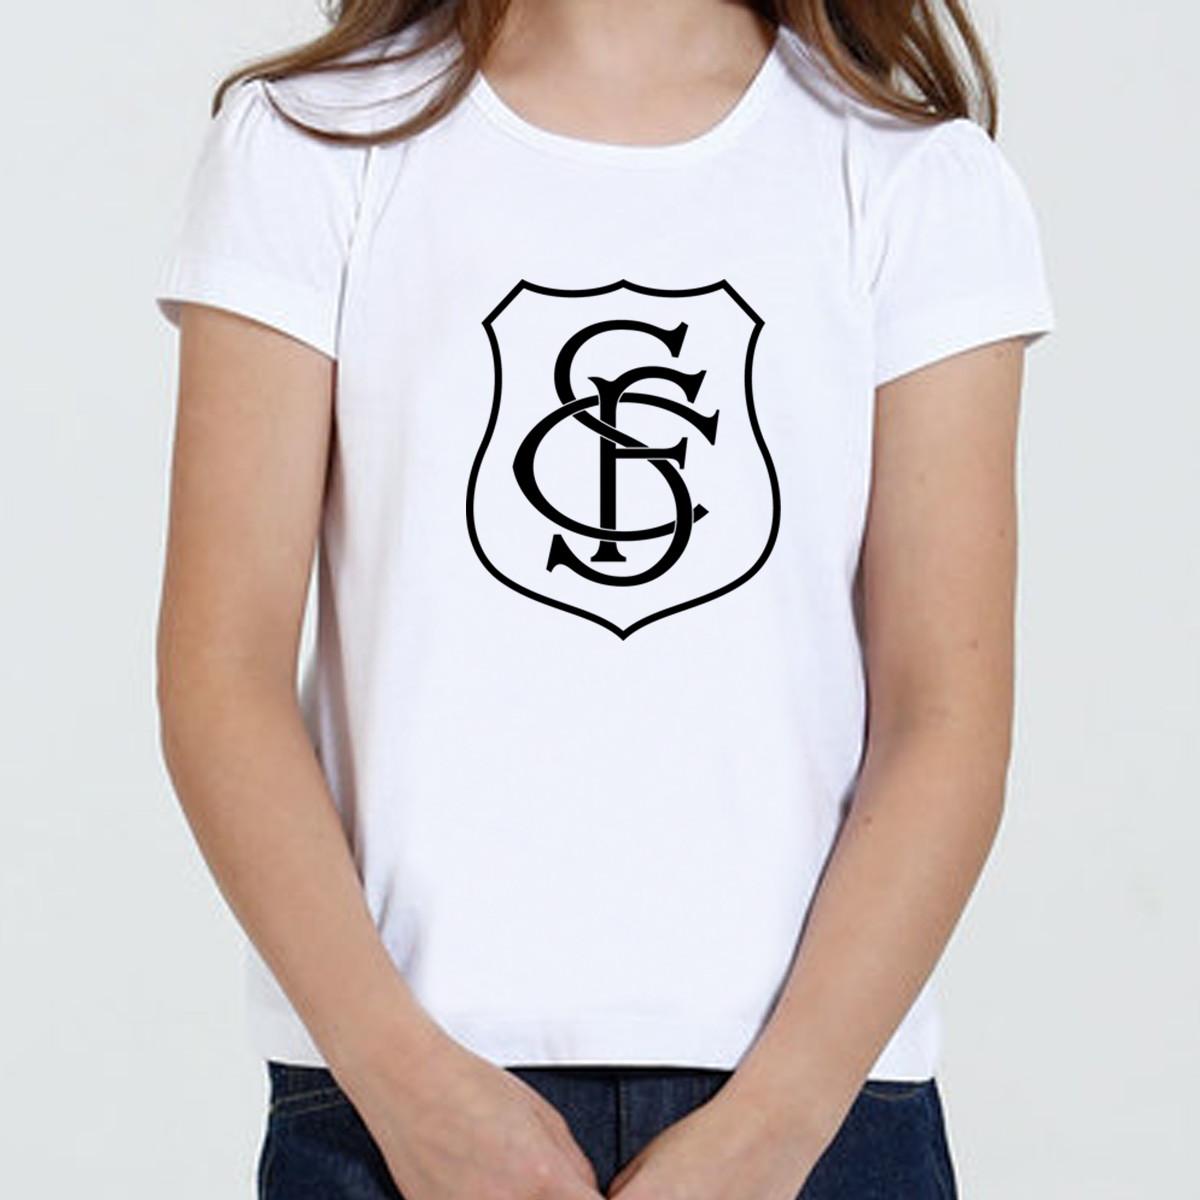 9dfe10efc3 Camisa Camiseta Babylook SFC Novidade Promoção no Elo7